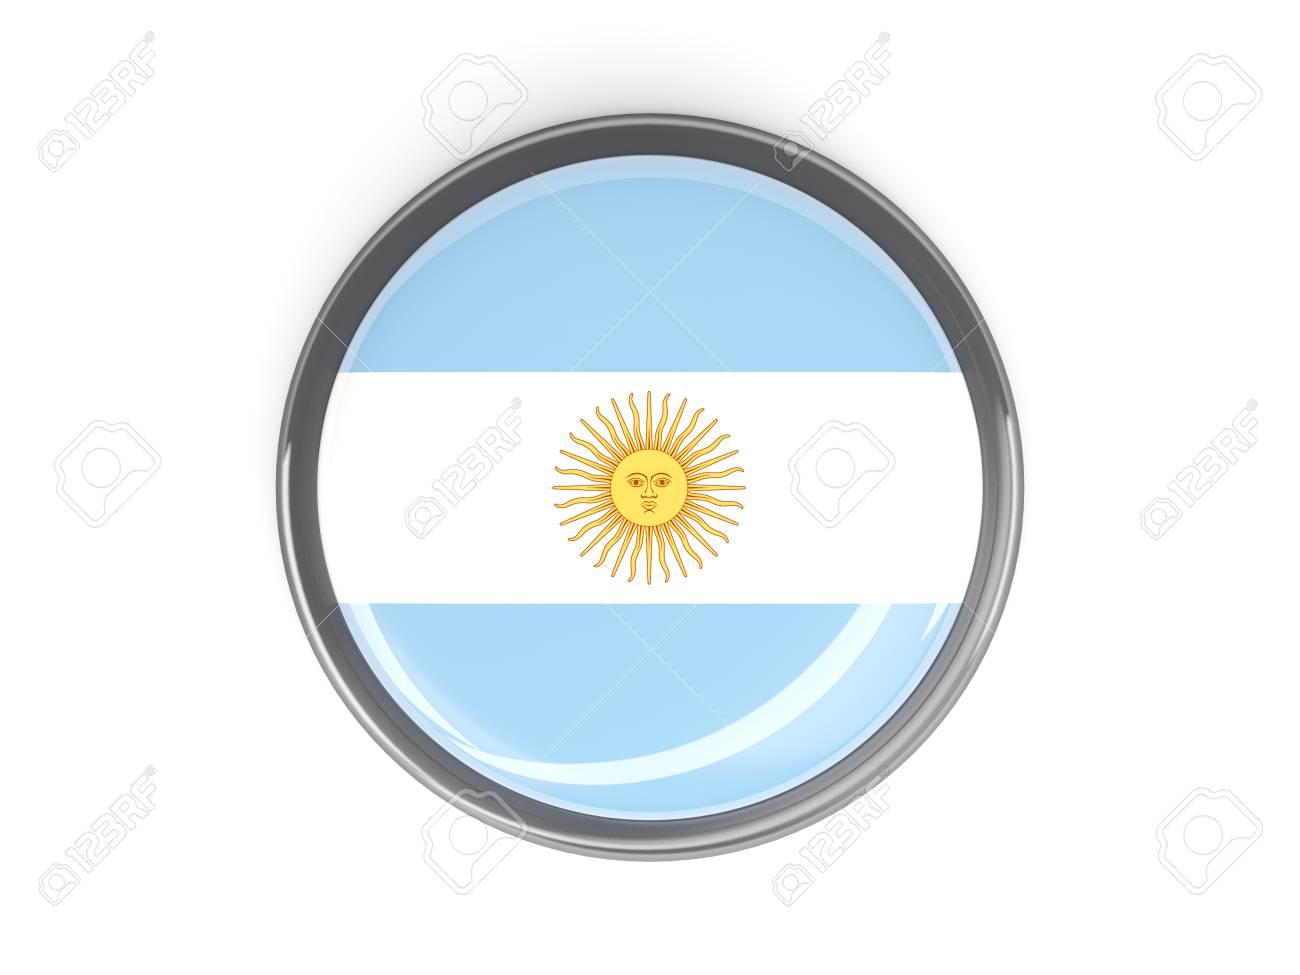 Metal Enmarcado Botón Redondo Con La Bandera De Argentina Fotos ...